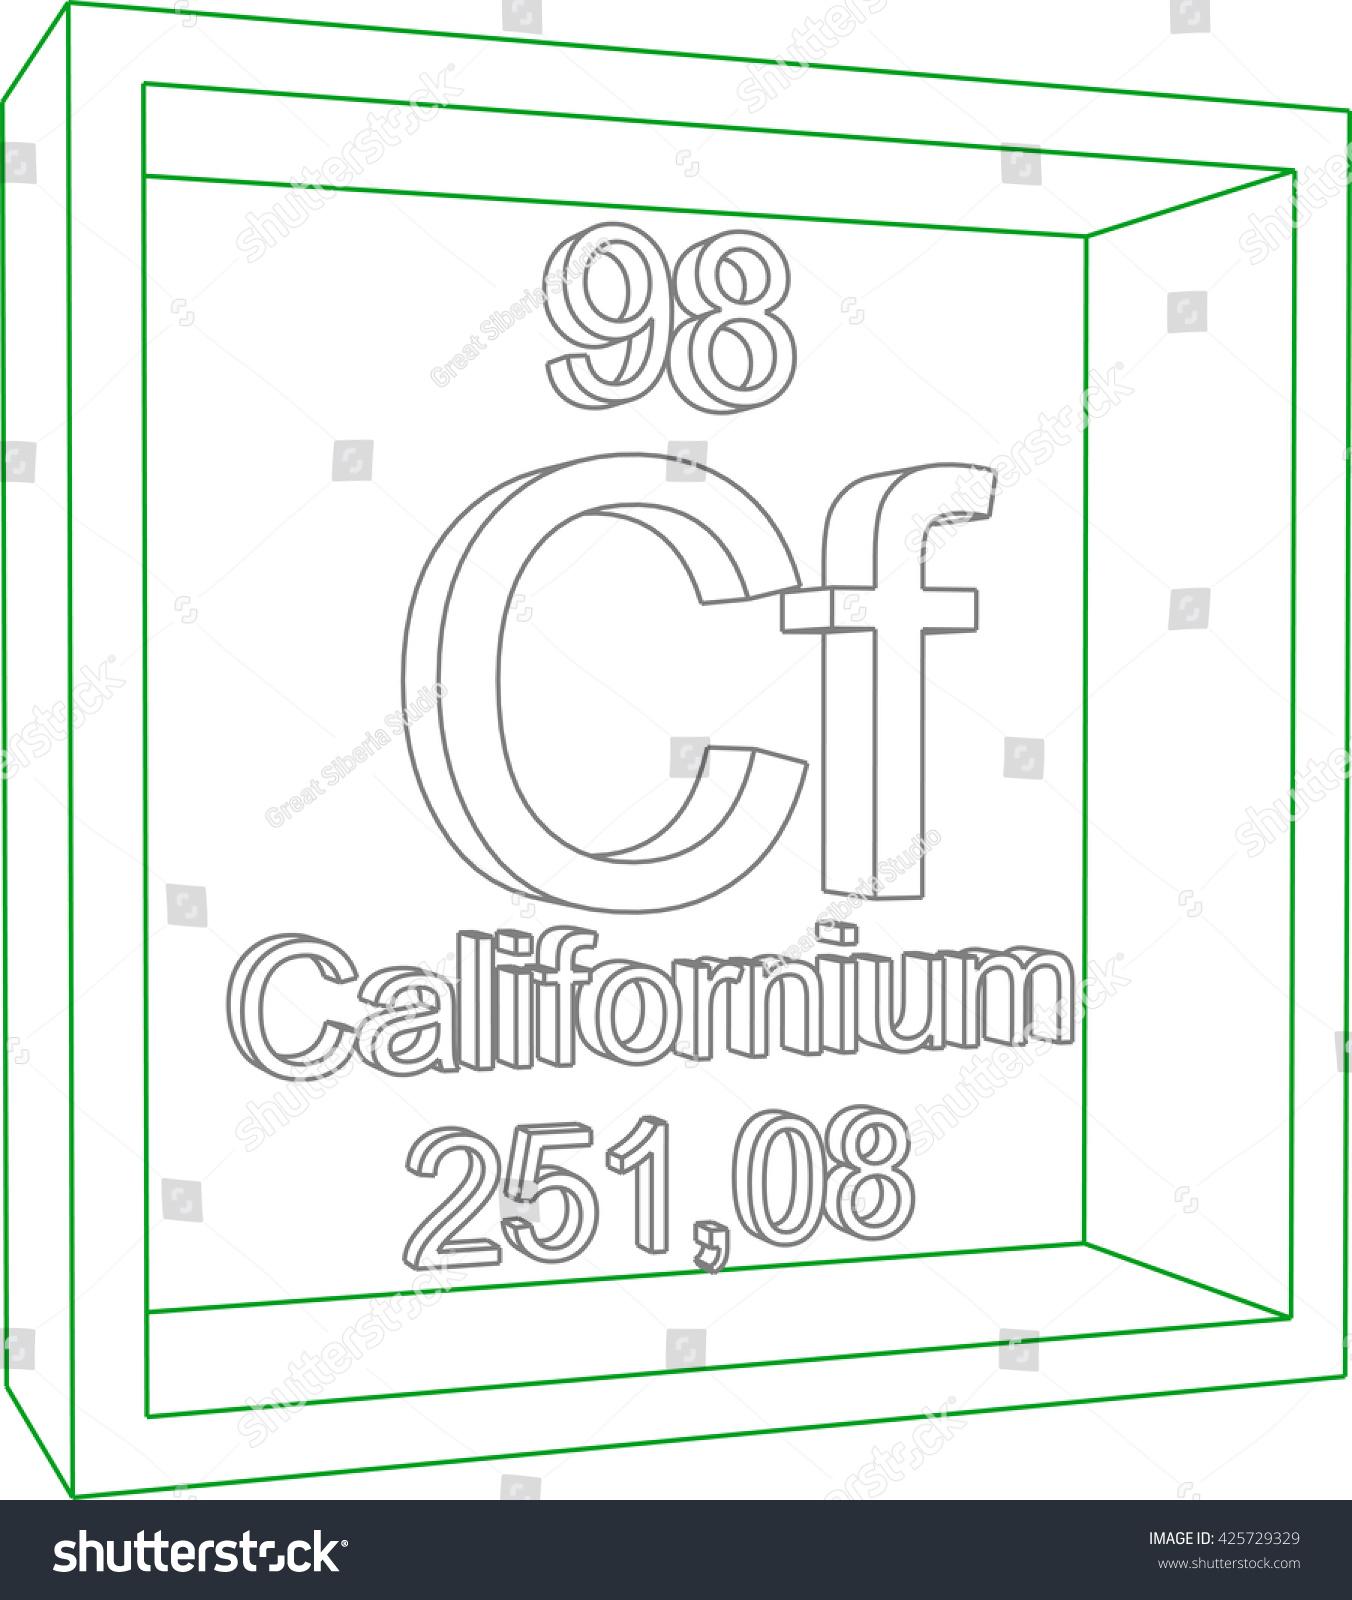 Periodic table elements californium stock vector 425729329 periodic table of elements californium gamestrikefo Images